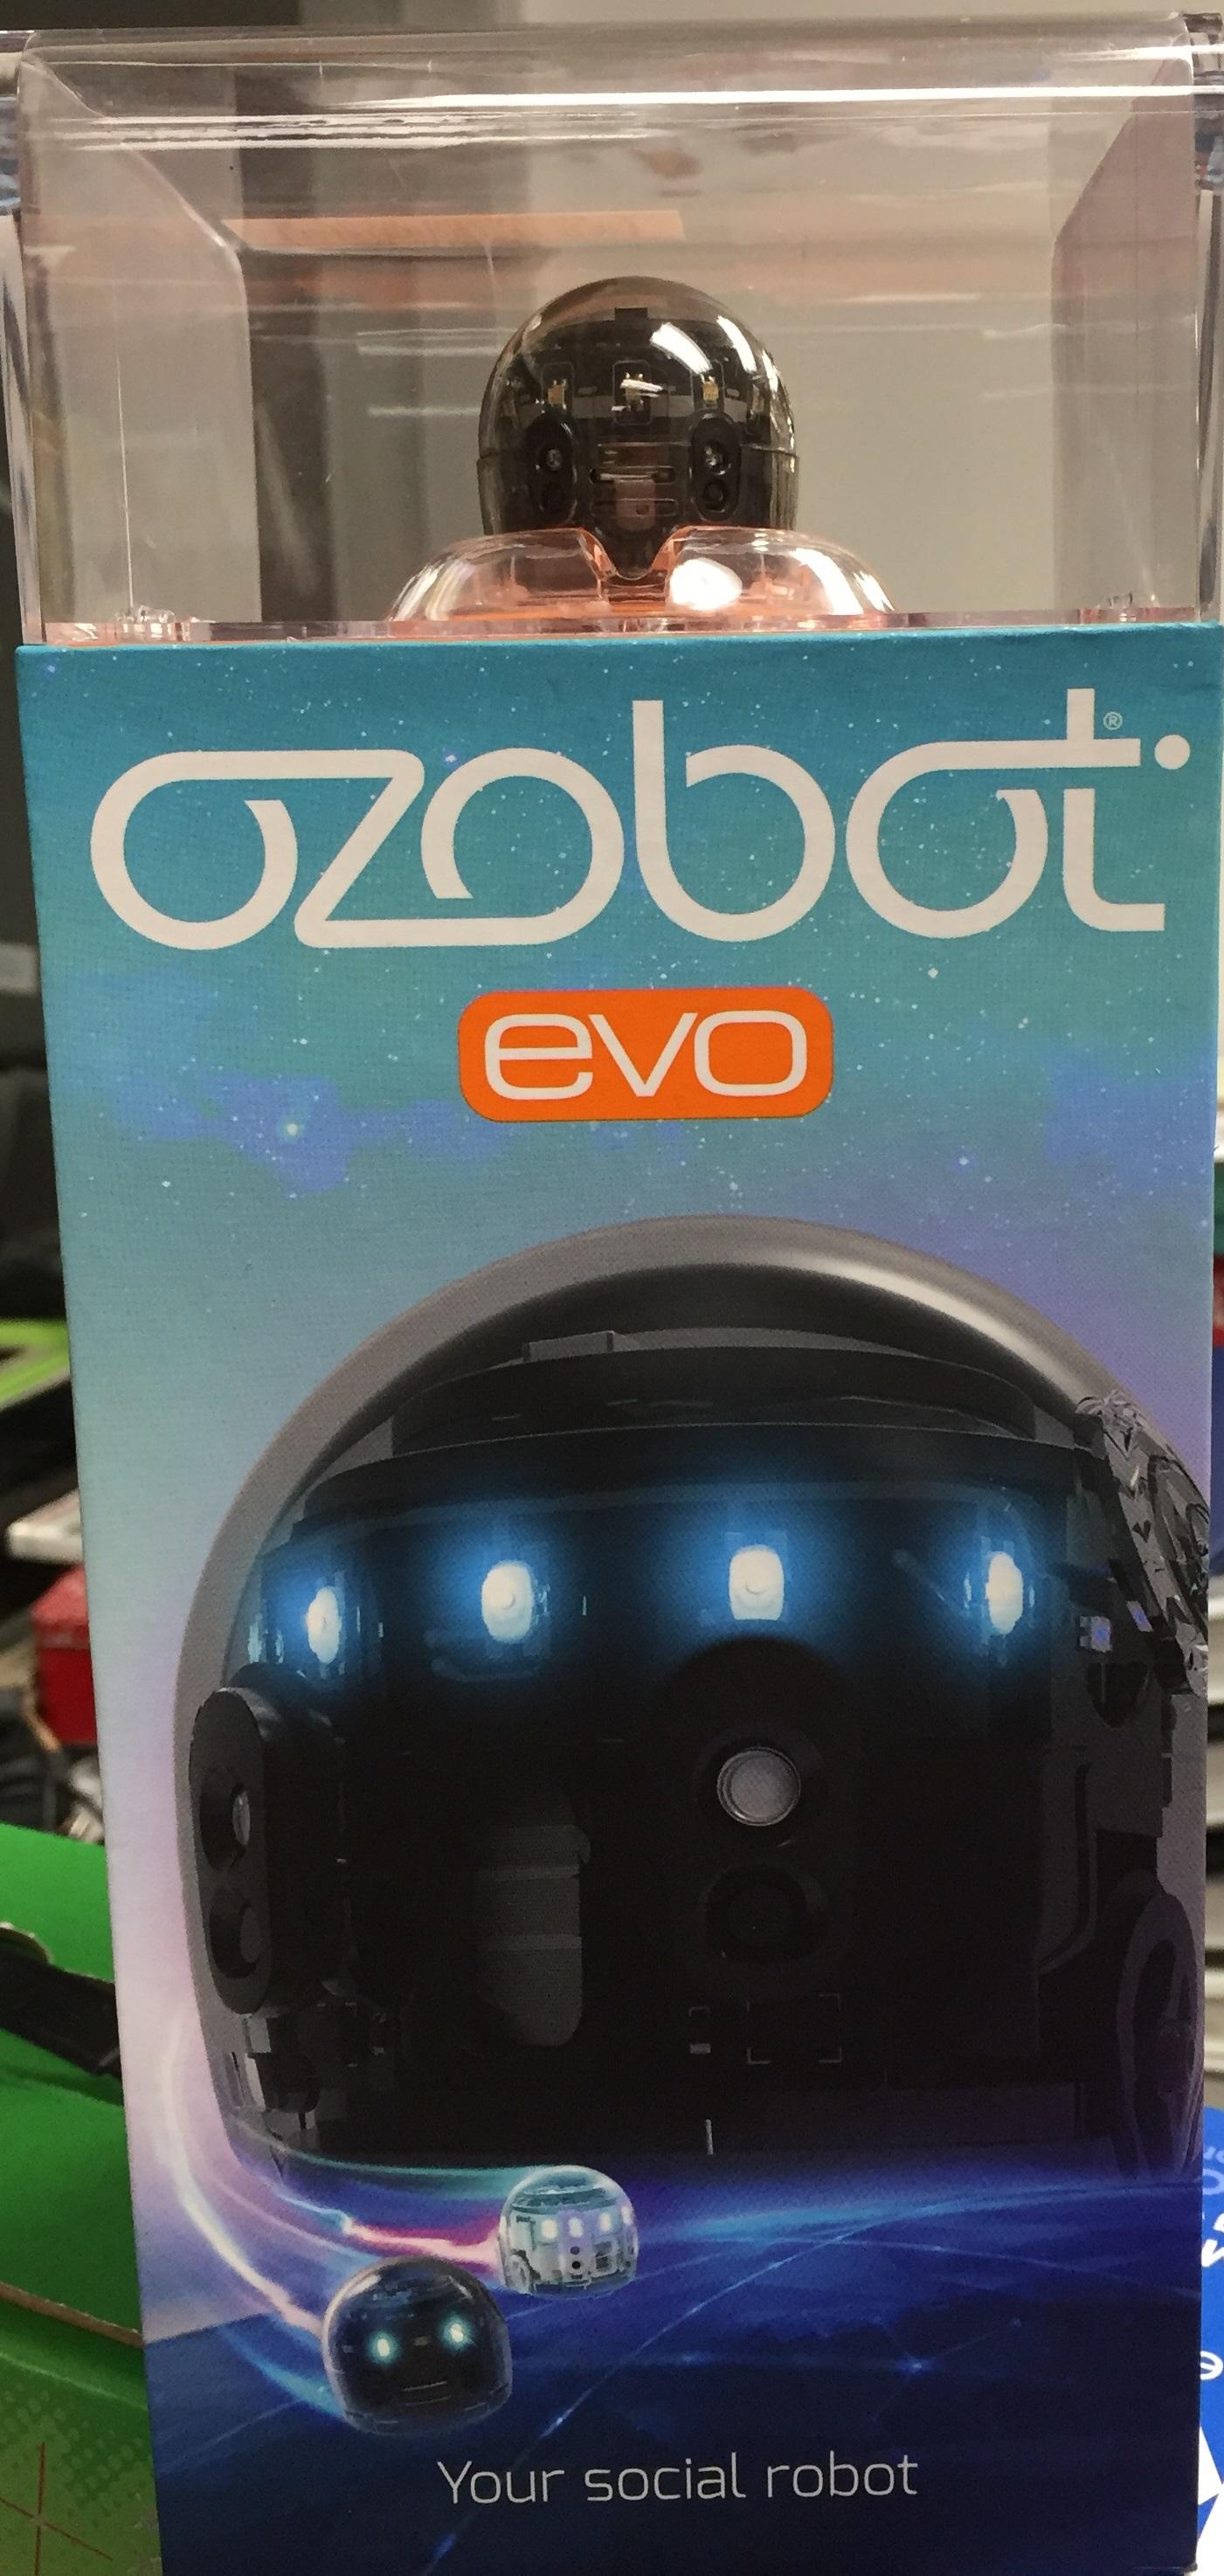 ozobot evo your social robot